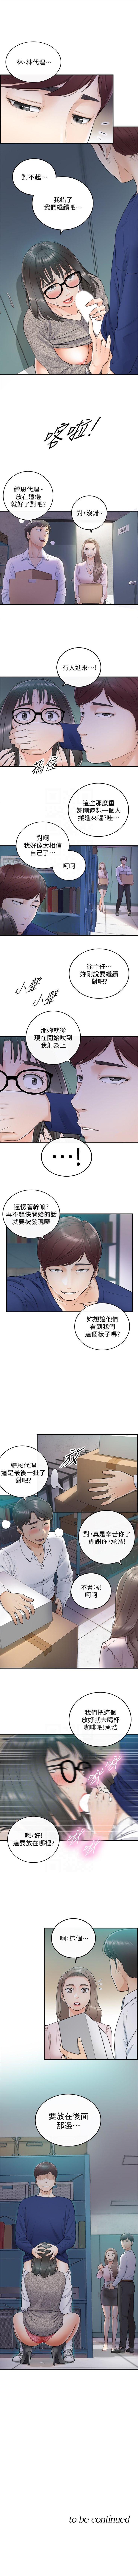 (週5)正妹小主管 1-39 中文翻譯(更新中) 70